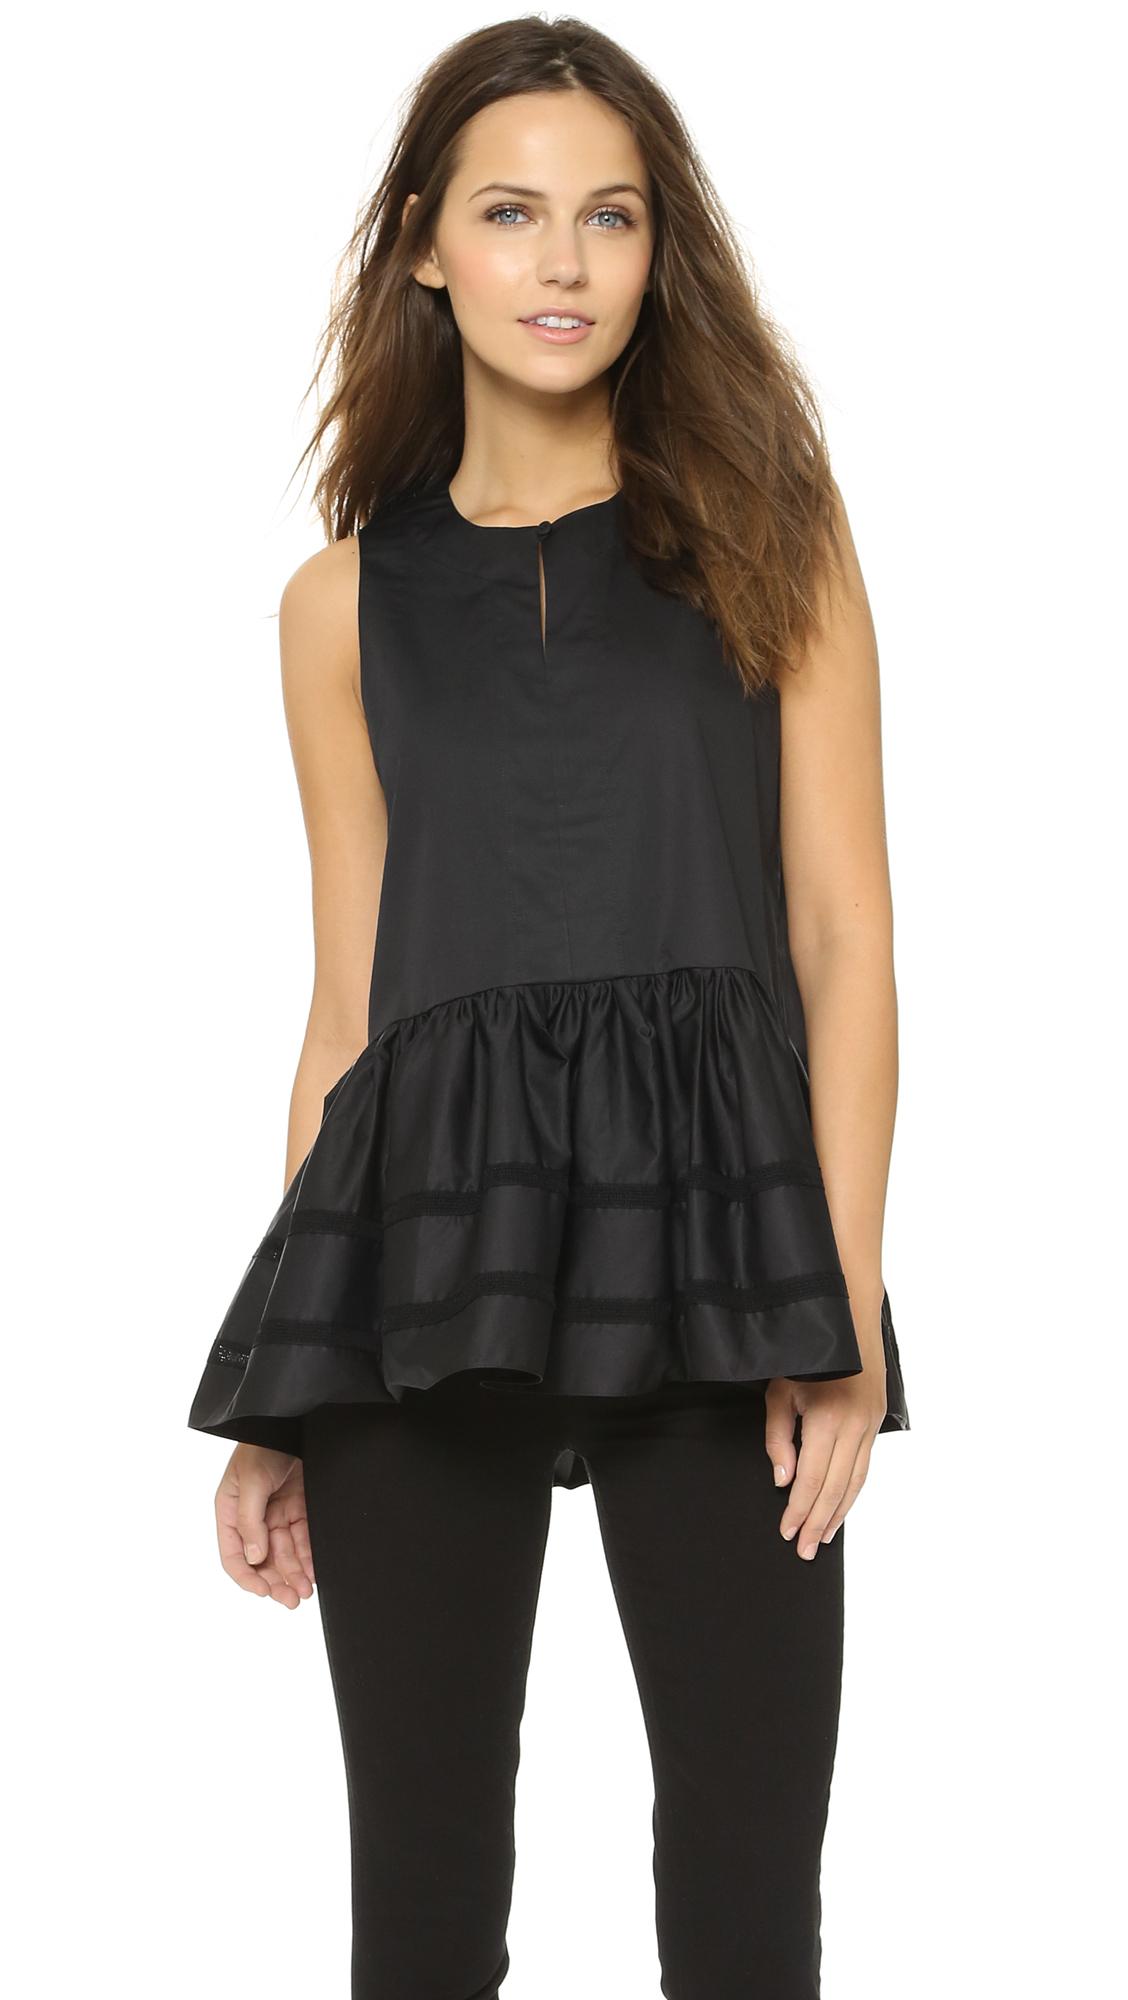 Lyst - Tibi Silk Mock Neck Smocked Top in Black - photo#30